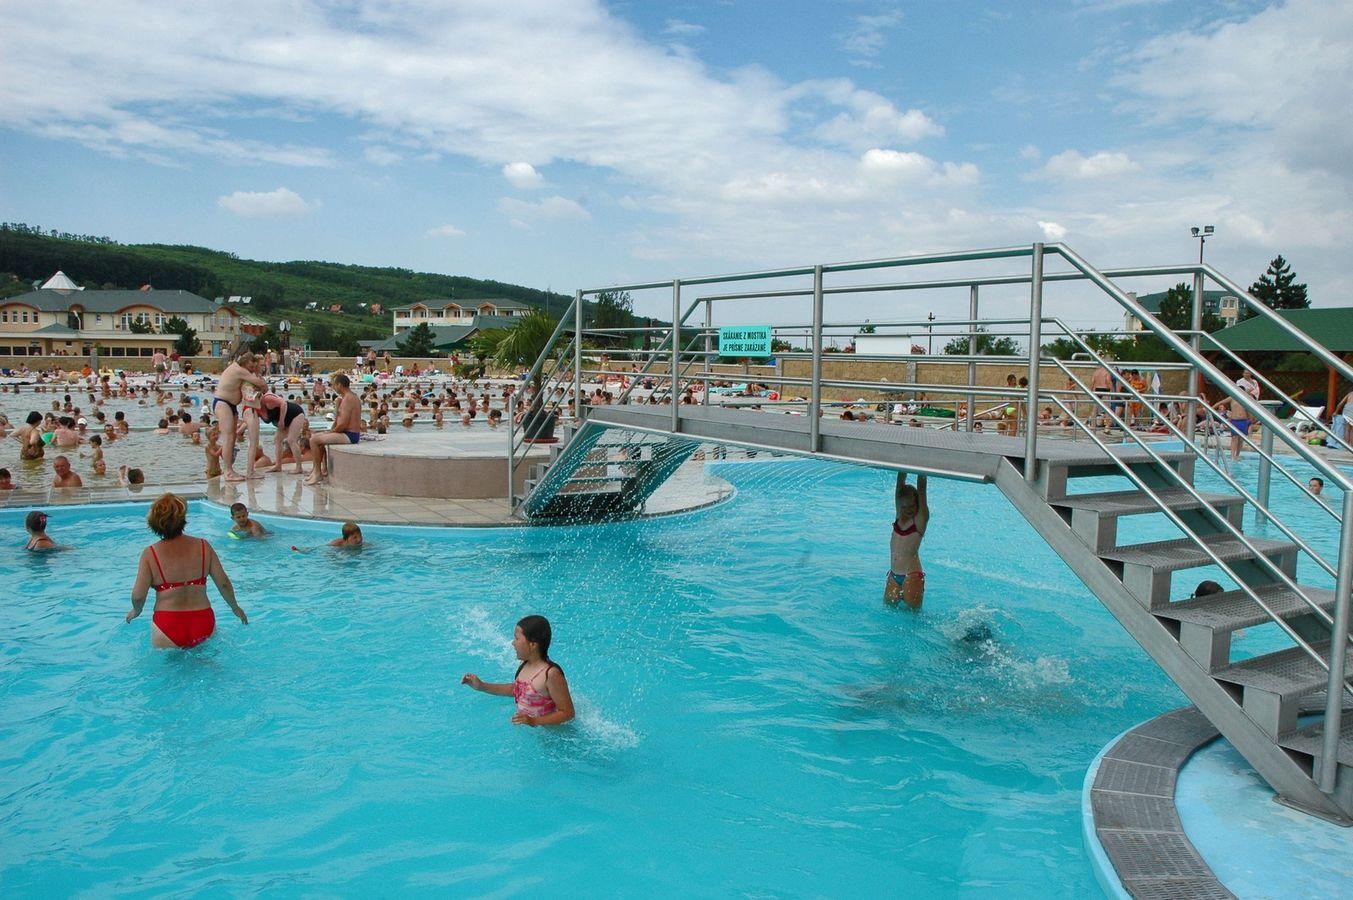 aecd247d125 Aquaparky a termálne kúpaliská - Slovakia.travel